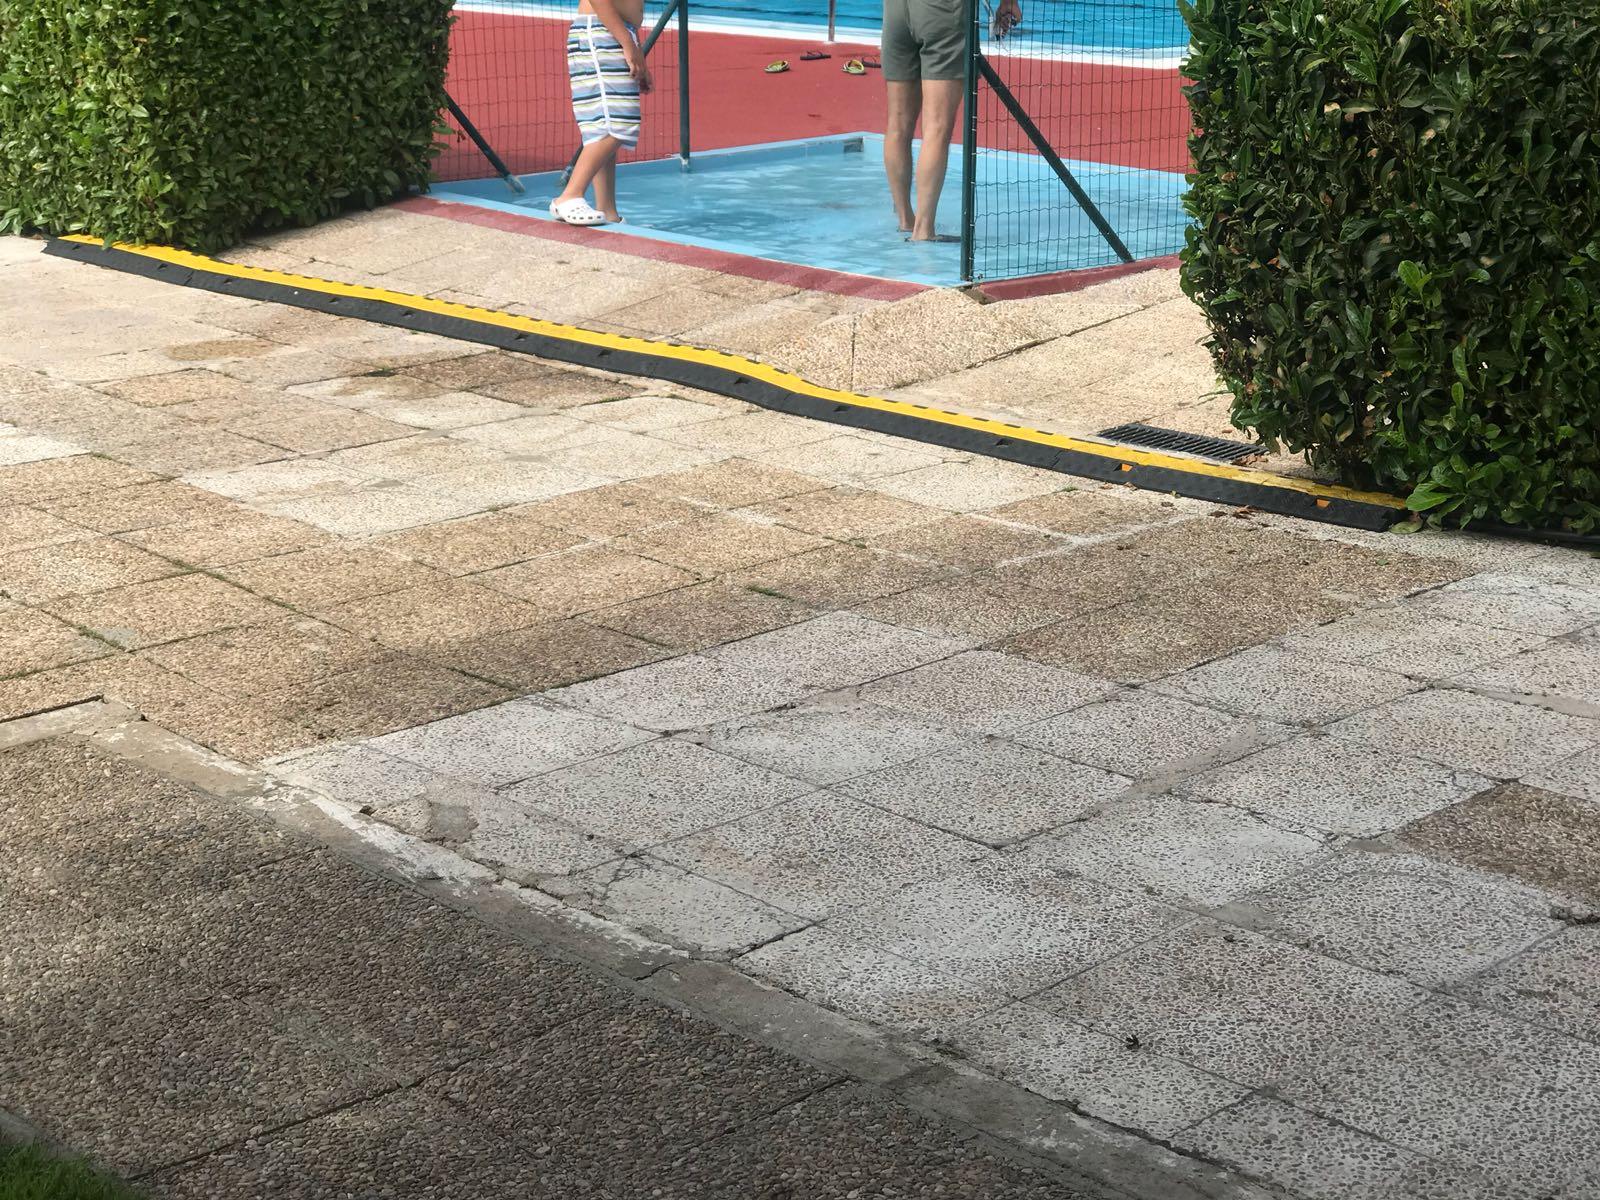 Usuarios de las piscinas de Sáenz de Miera denuncian la instalación de un cable de baja tensión a escasos centímetros de la piscina